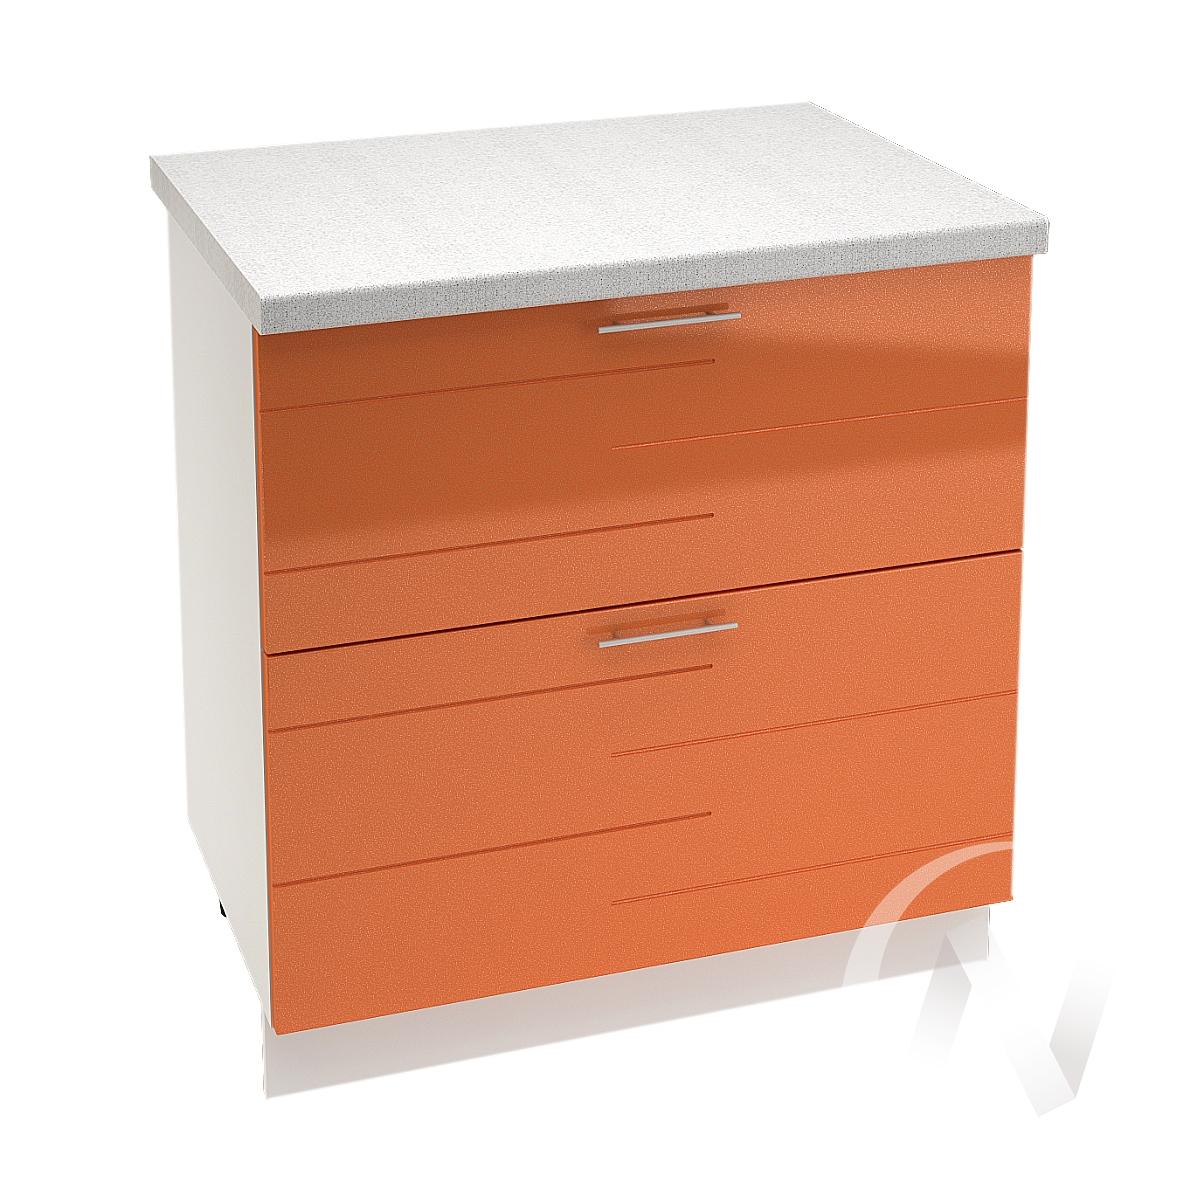 """Кухня """"Техно"""": Шкаф нижний с 2-мя ящиками 800, ШН2Я 800 (корпус белый)"""